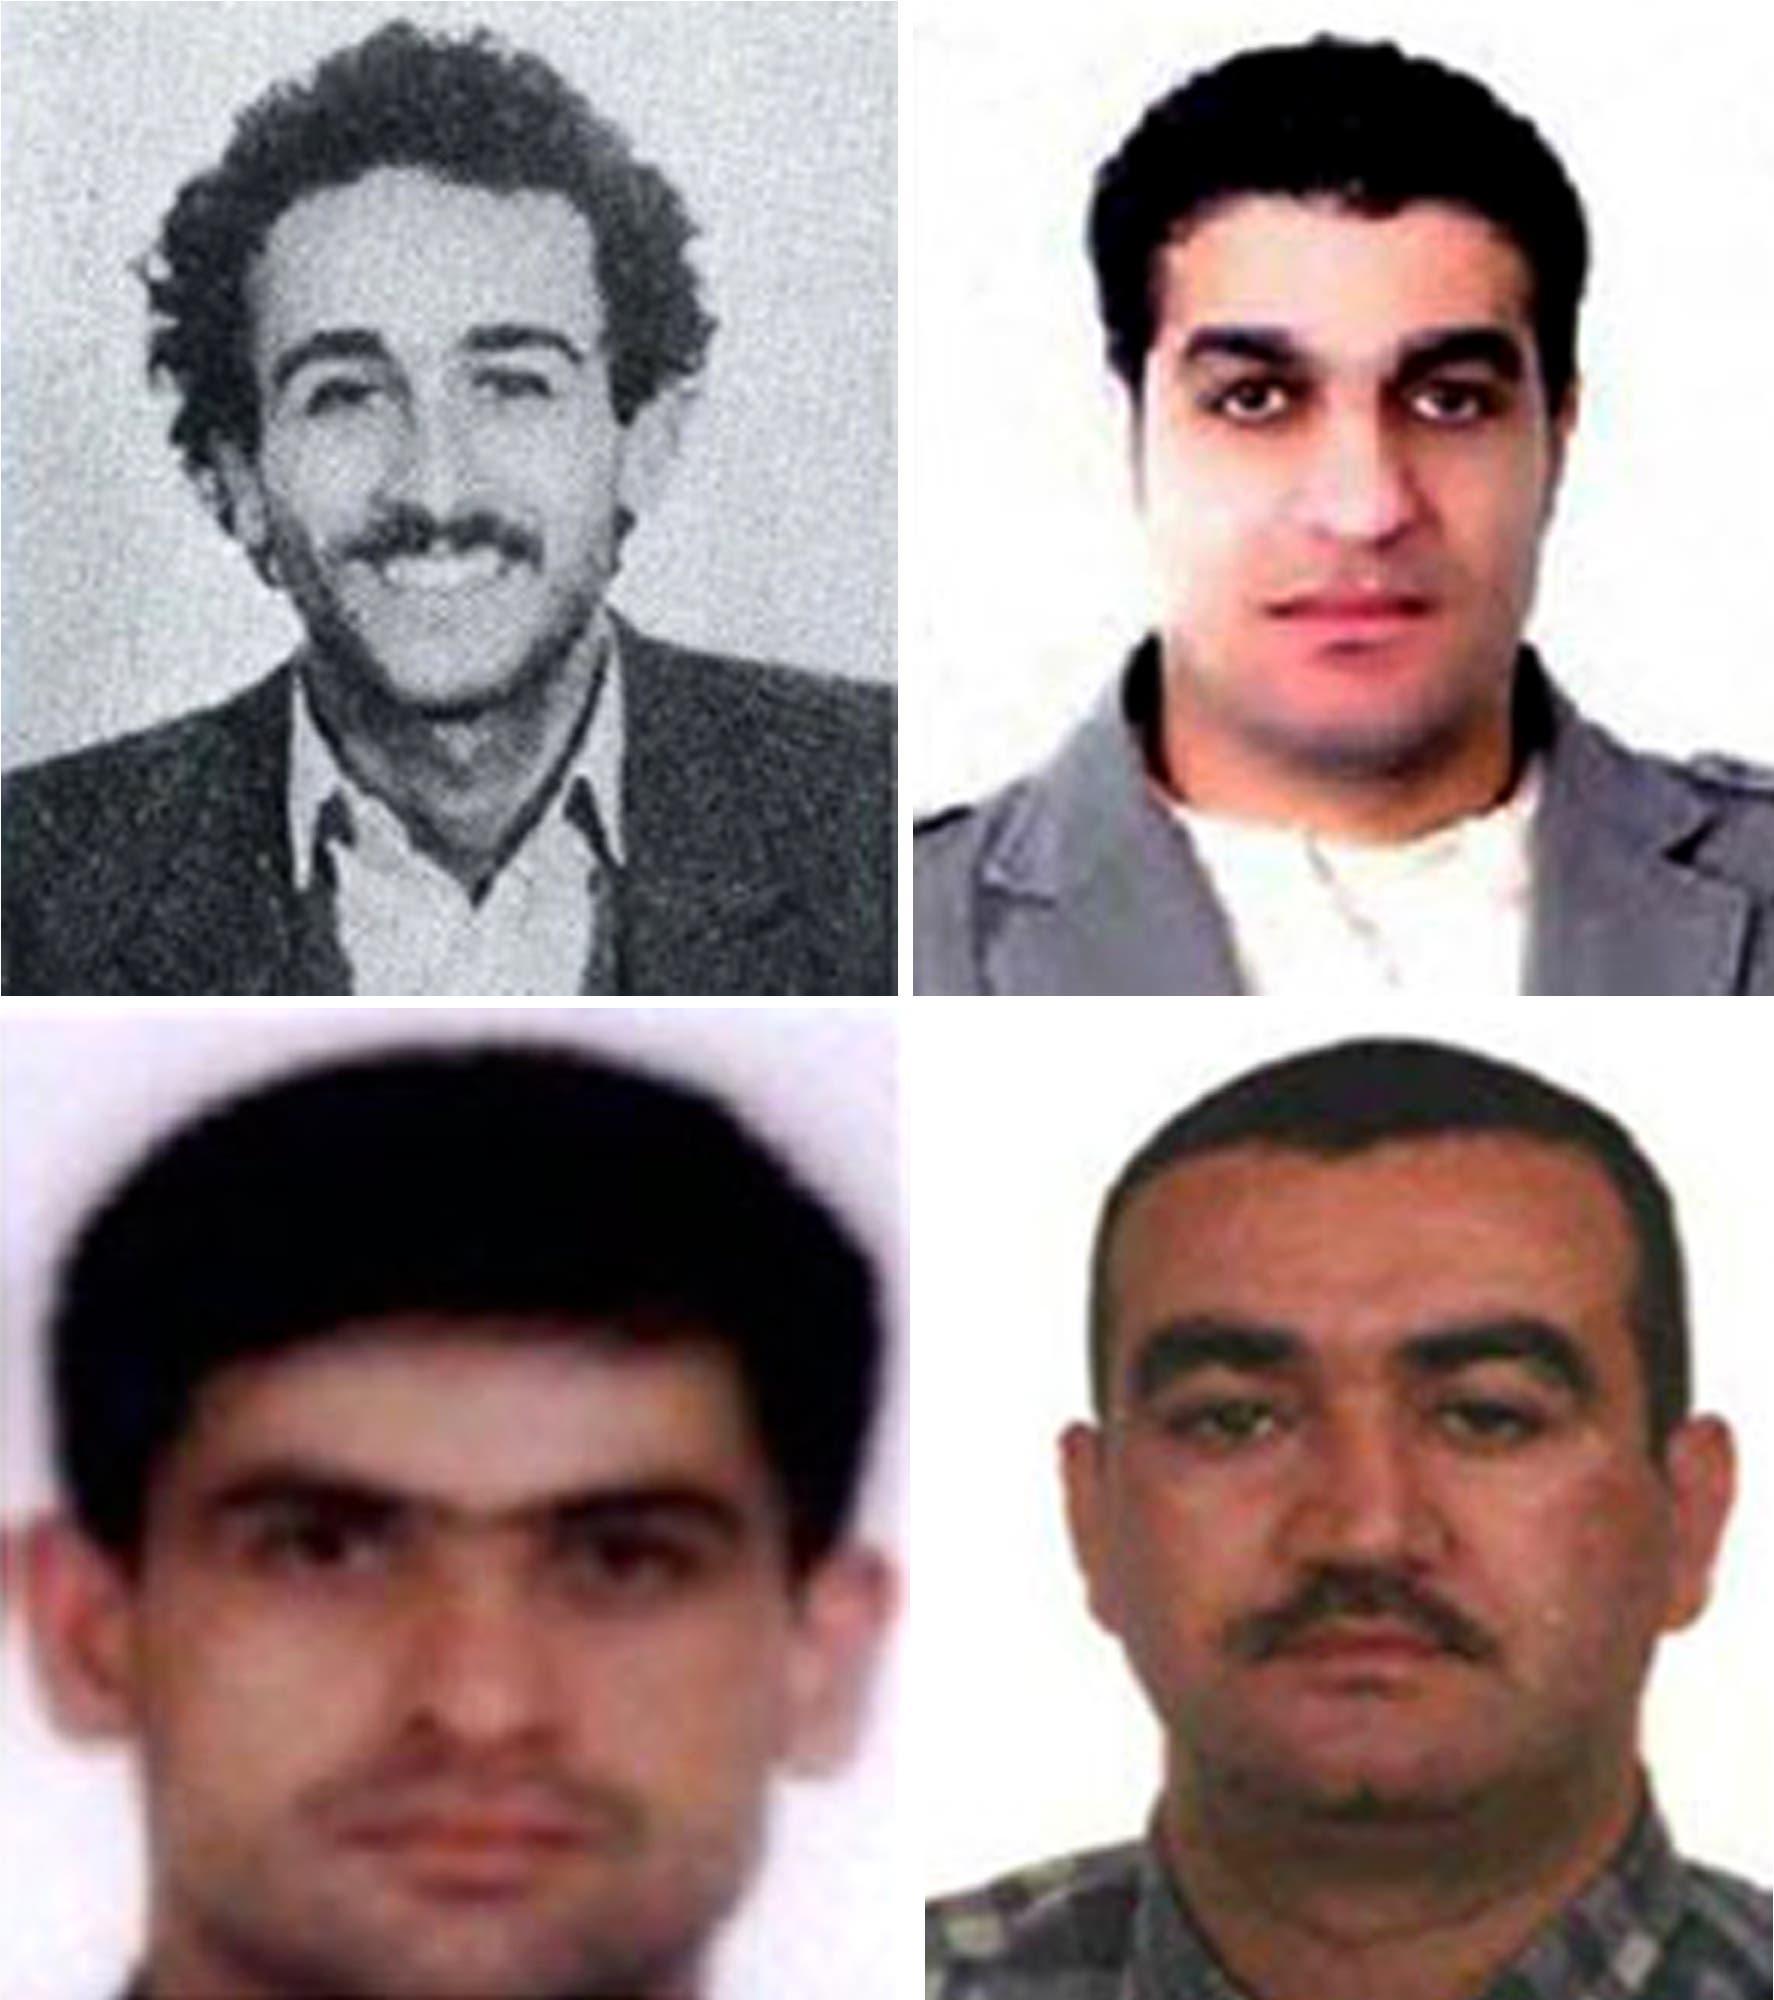 من أعلى اليسار إلى اليمين: مصطفى بدر الدين وأسد صبرا وحسين عنيسي وسليم عياش